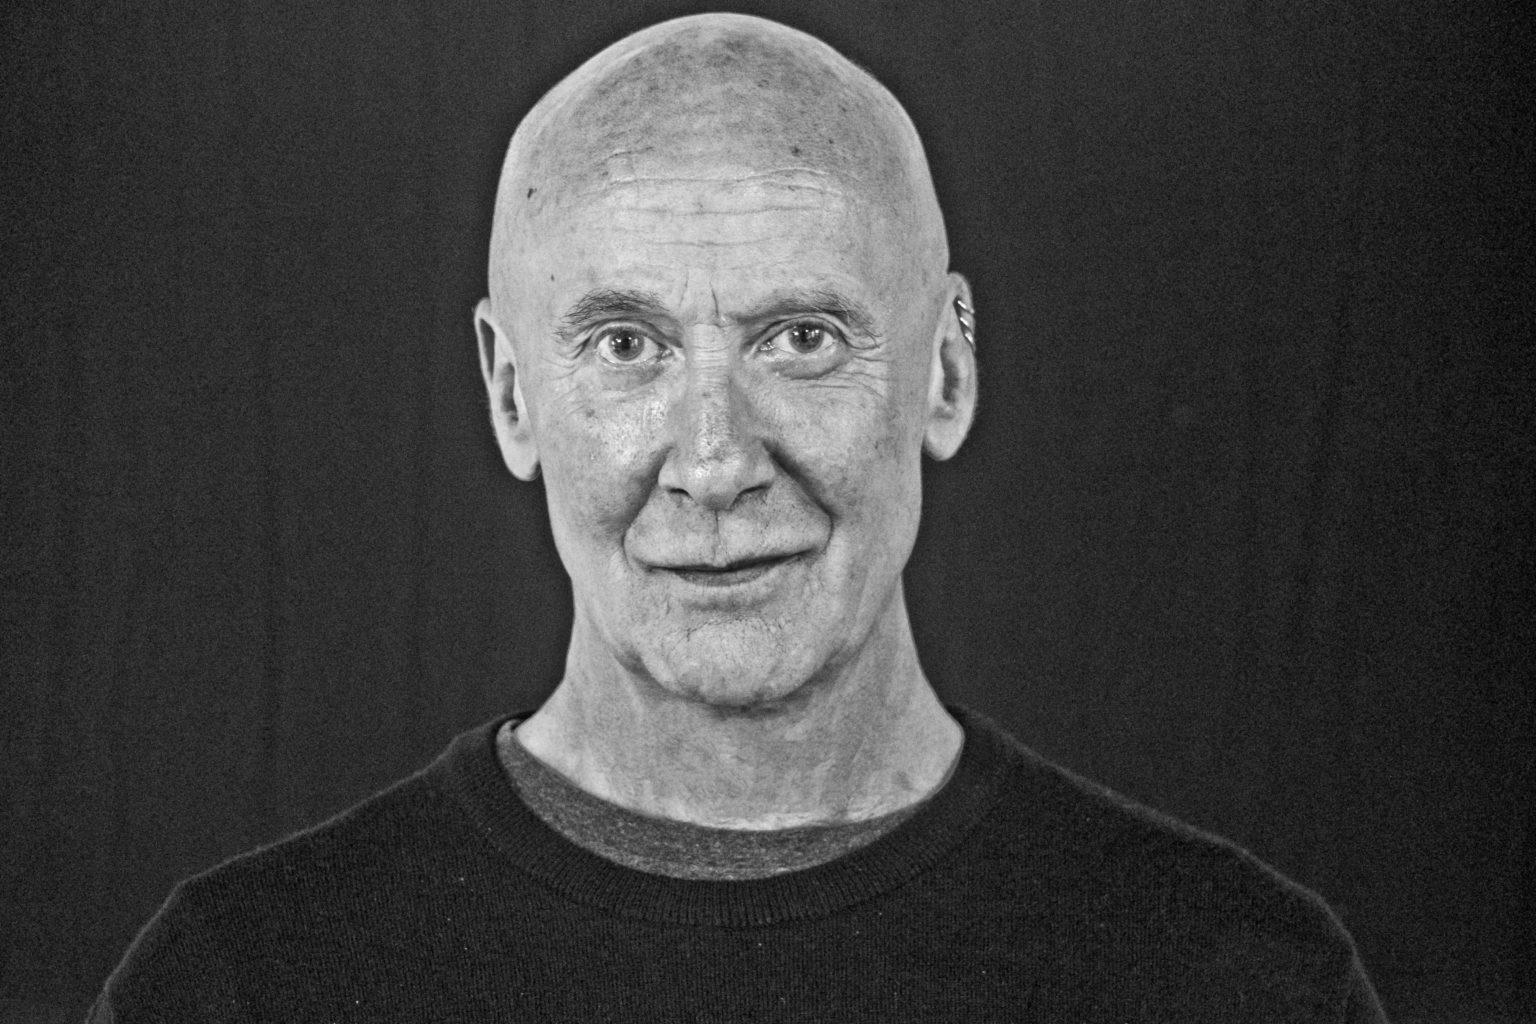 El director, dramaturgo, actor y profesor Tom Bentley-Fisher